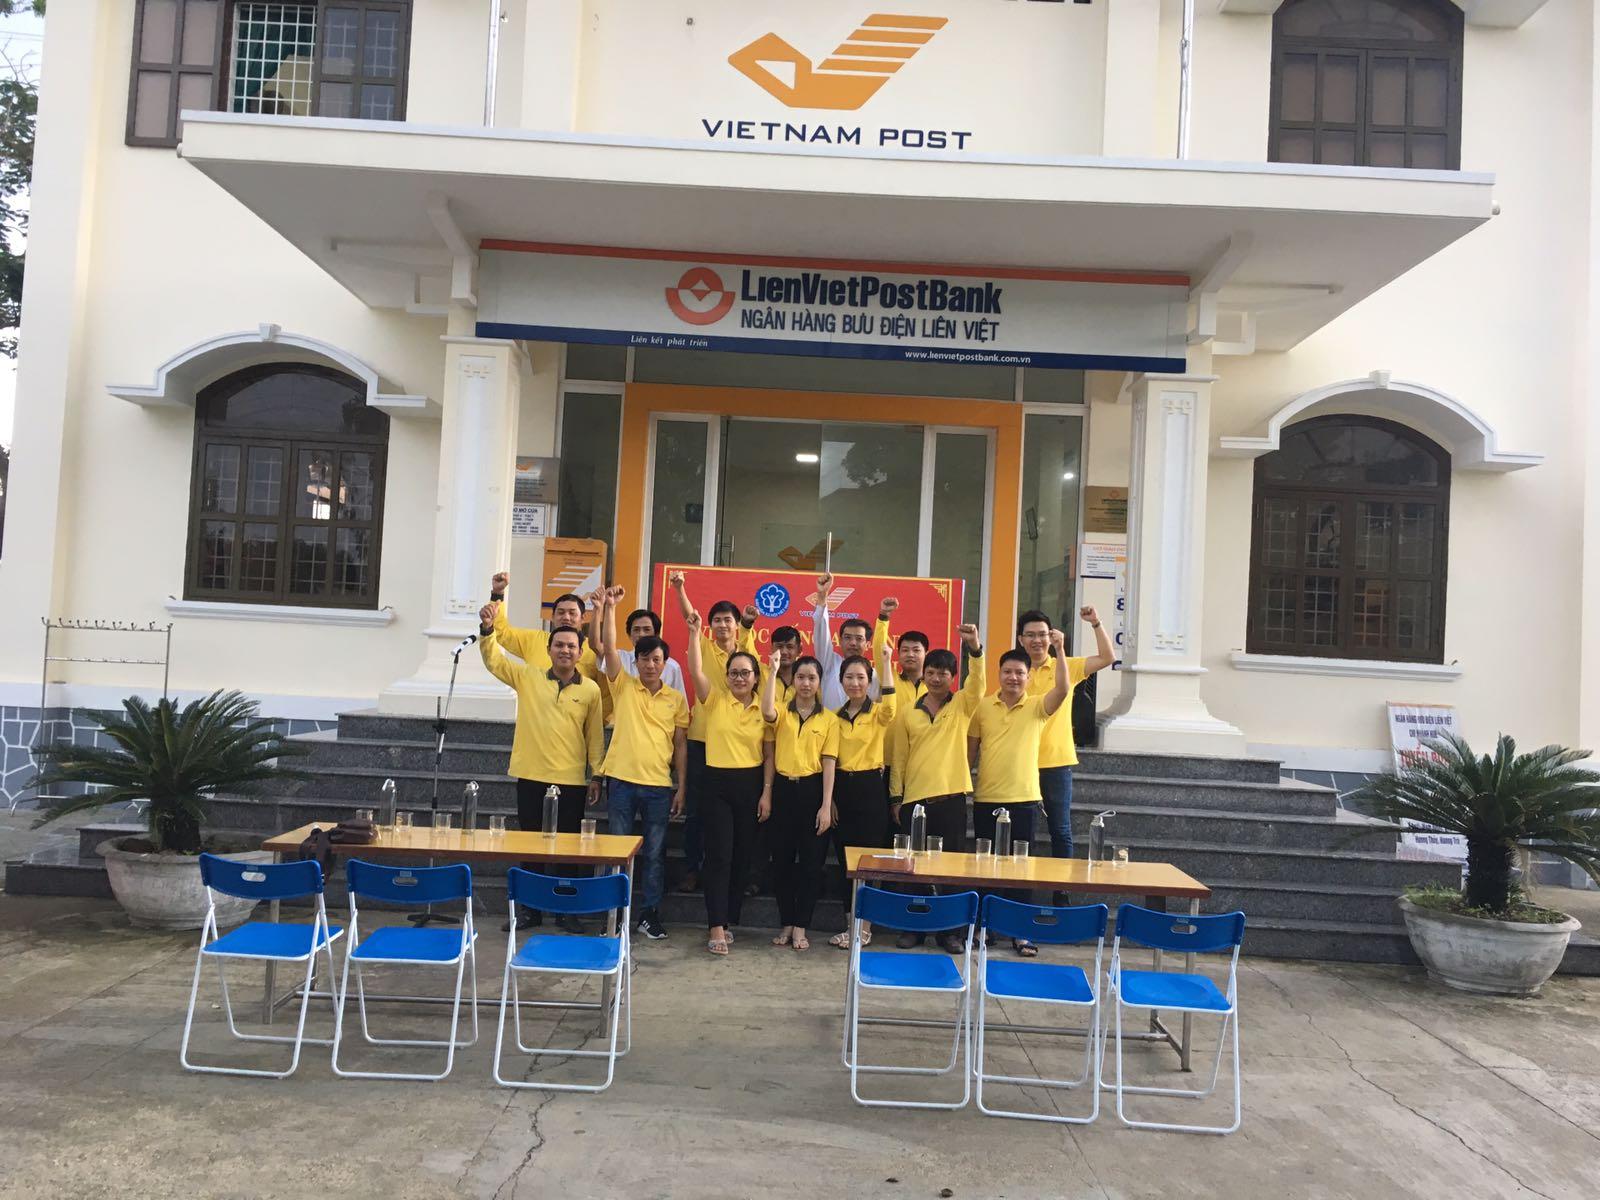 Không khi sôi nổi tại Lễ ra quân tuyên truyền và phát triển người tham gia BHXH tự nguyện của Bưu điện huyện Phú Vang